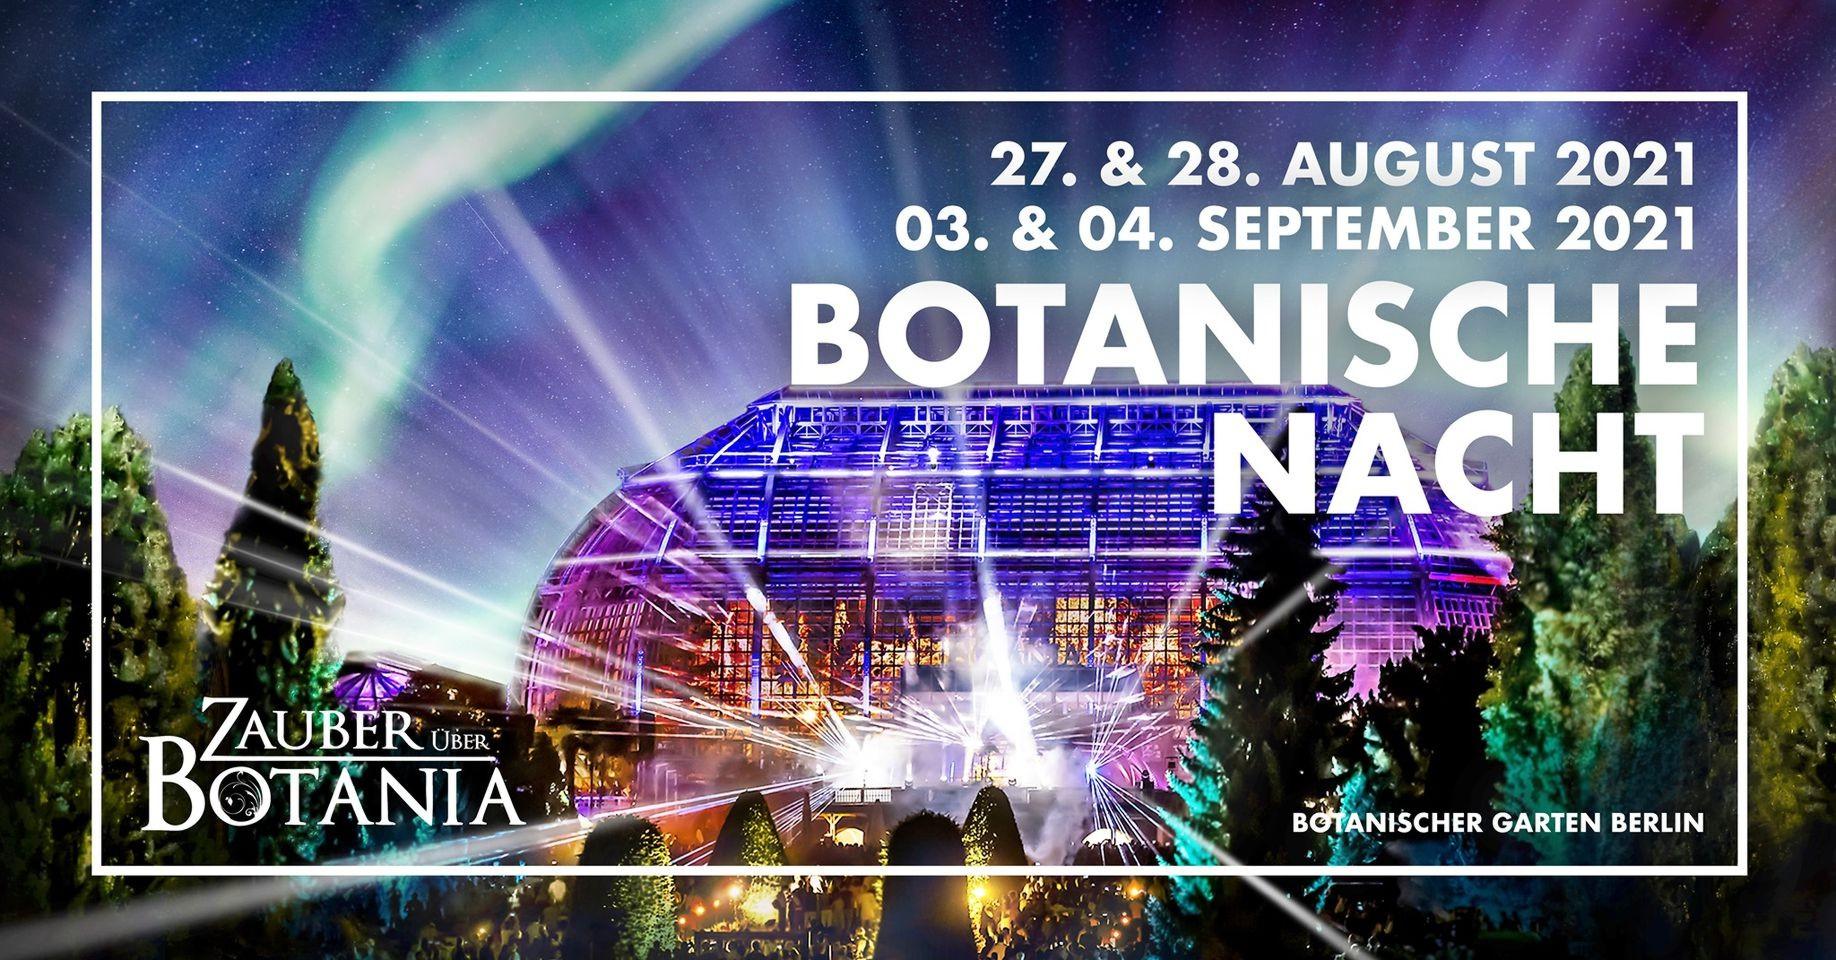 Botanische Nacht 2021, Der Botanische Garten